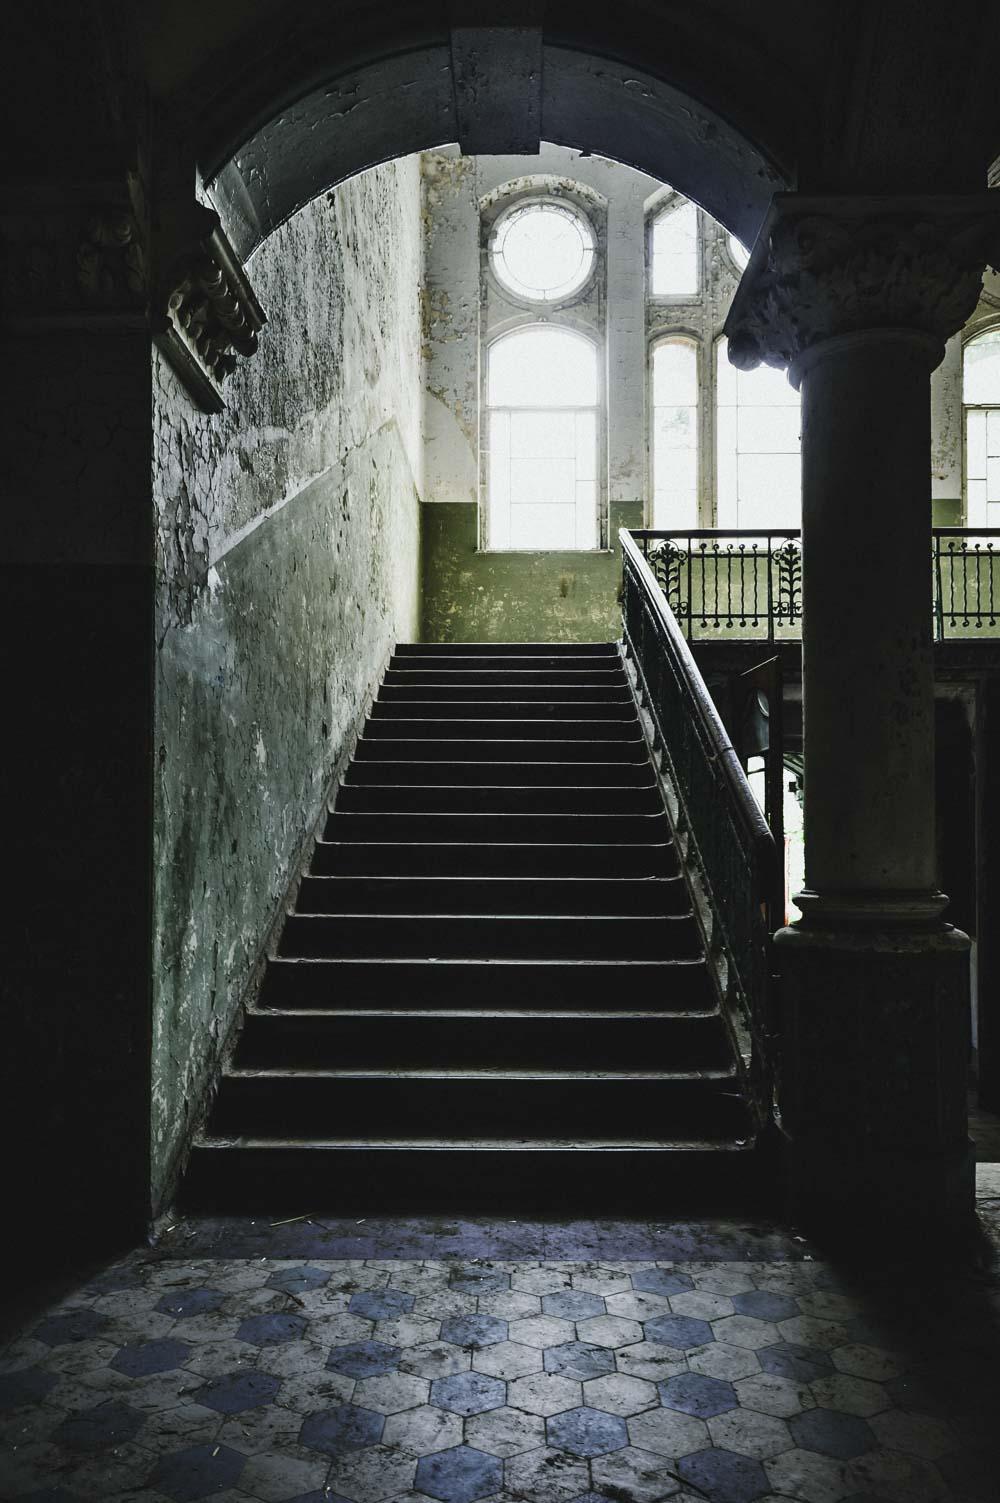 Das Licht fällt aus dem Treppenhaus langsam und sanft die Stufen hinab in das Erdgeschoss.